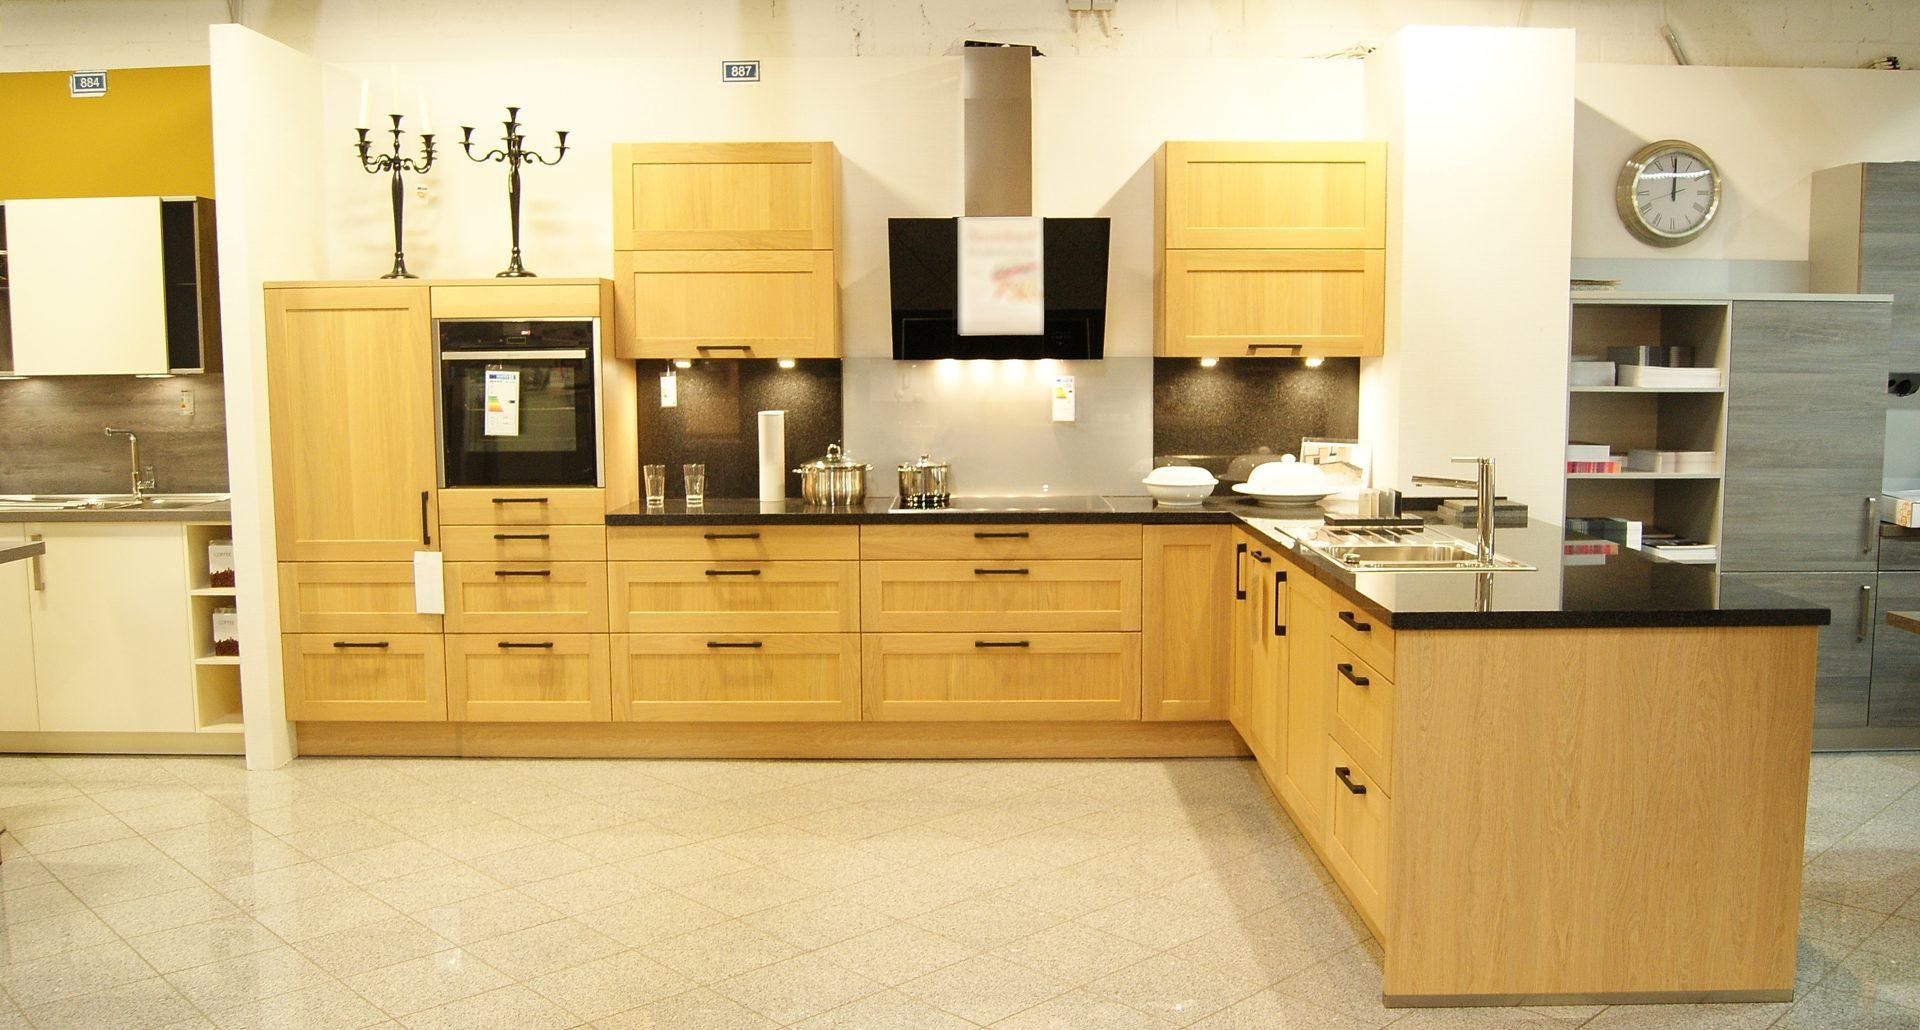 Trendwerk by möbel busch ausstellungsstücke möbel möbel busch küche korpus wildeiche arbeitsplatte aus granit